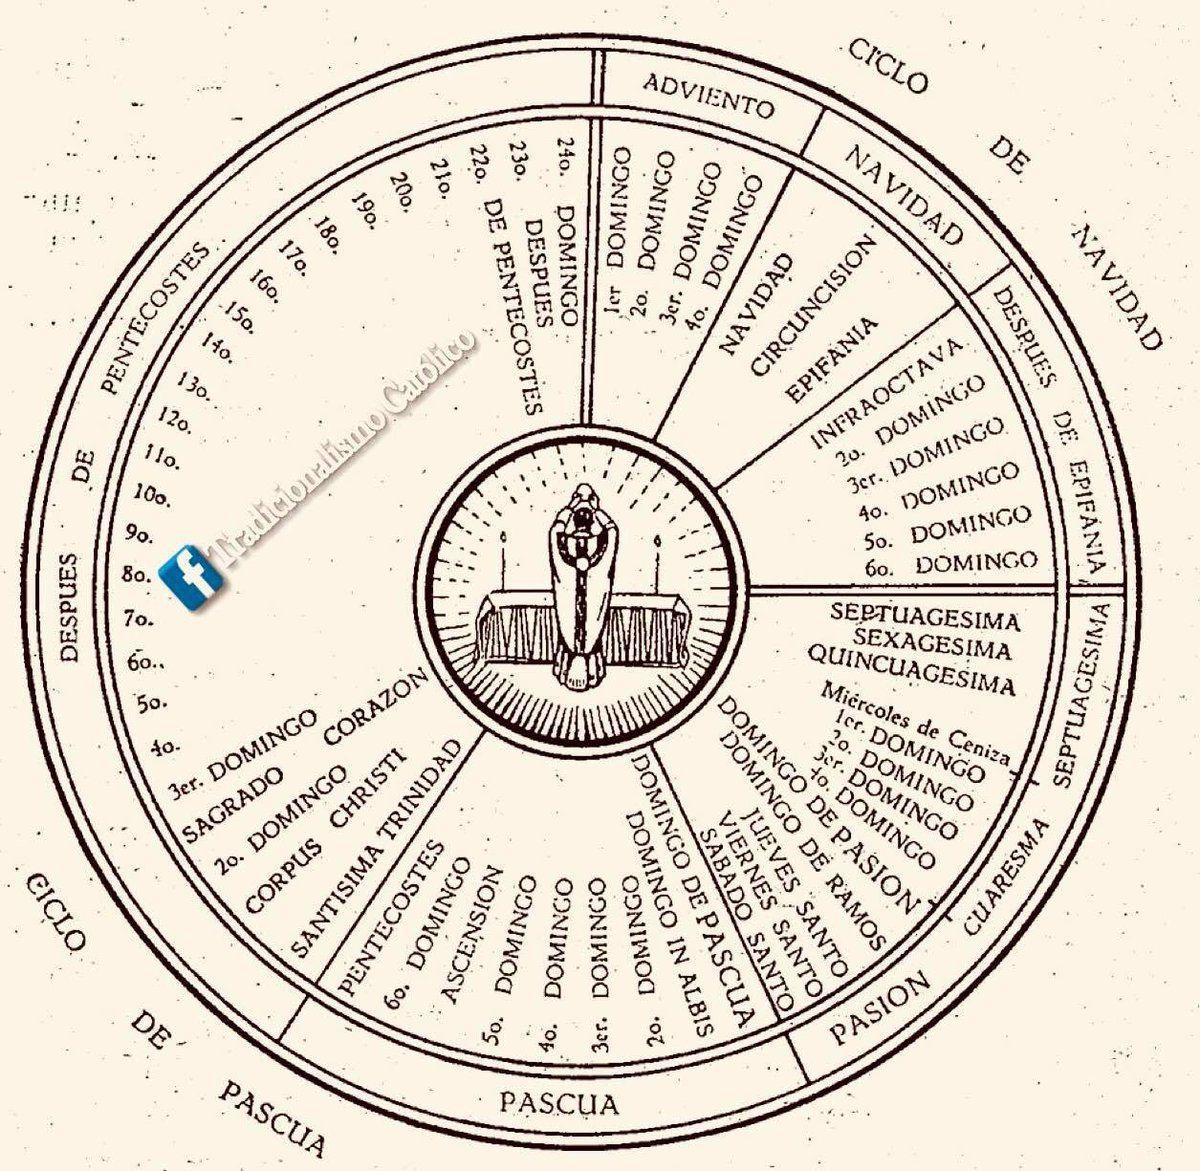 Verdadero Calendario Liturgico True Liturgical Calendar